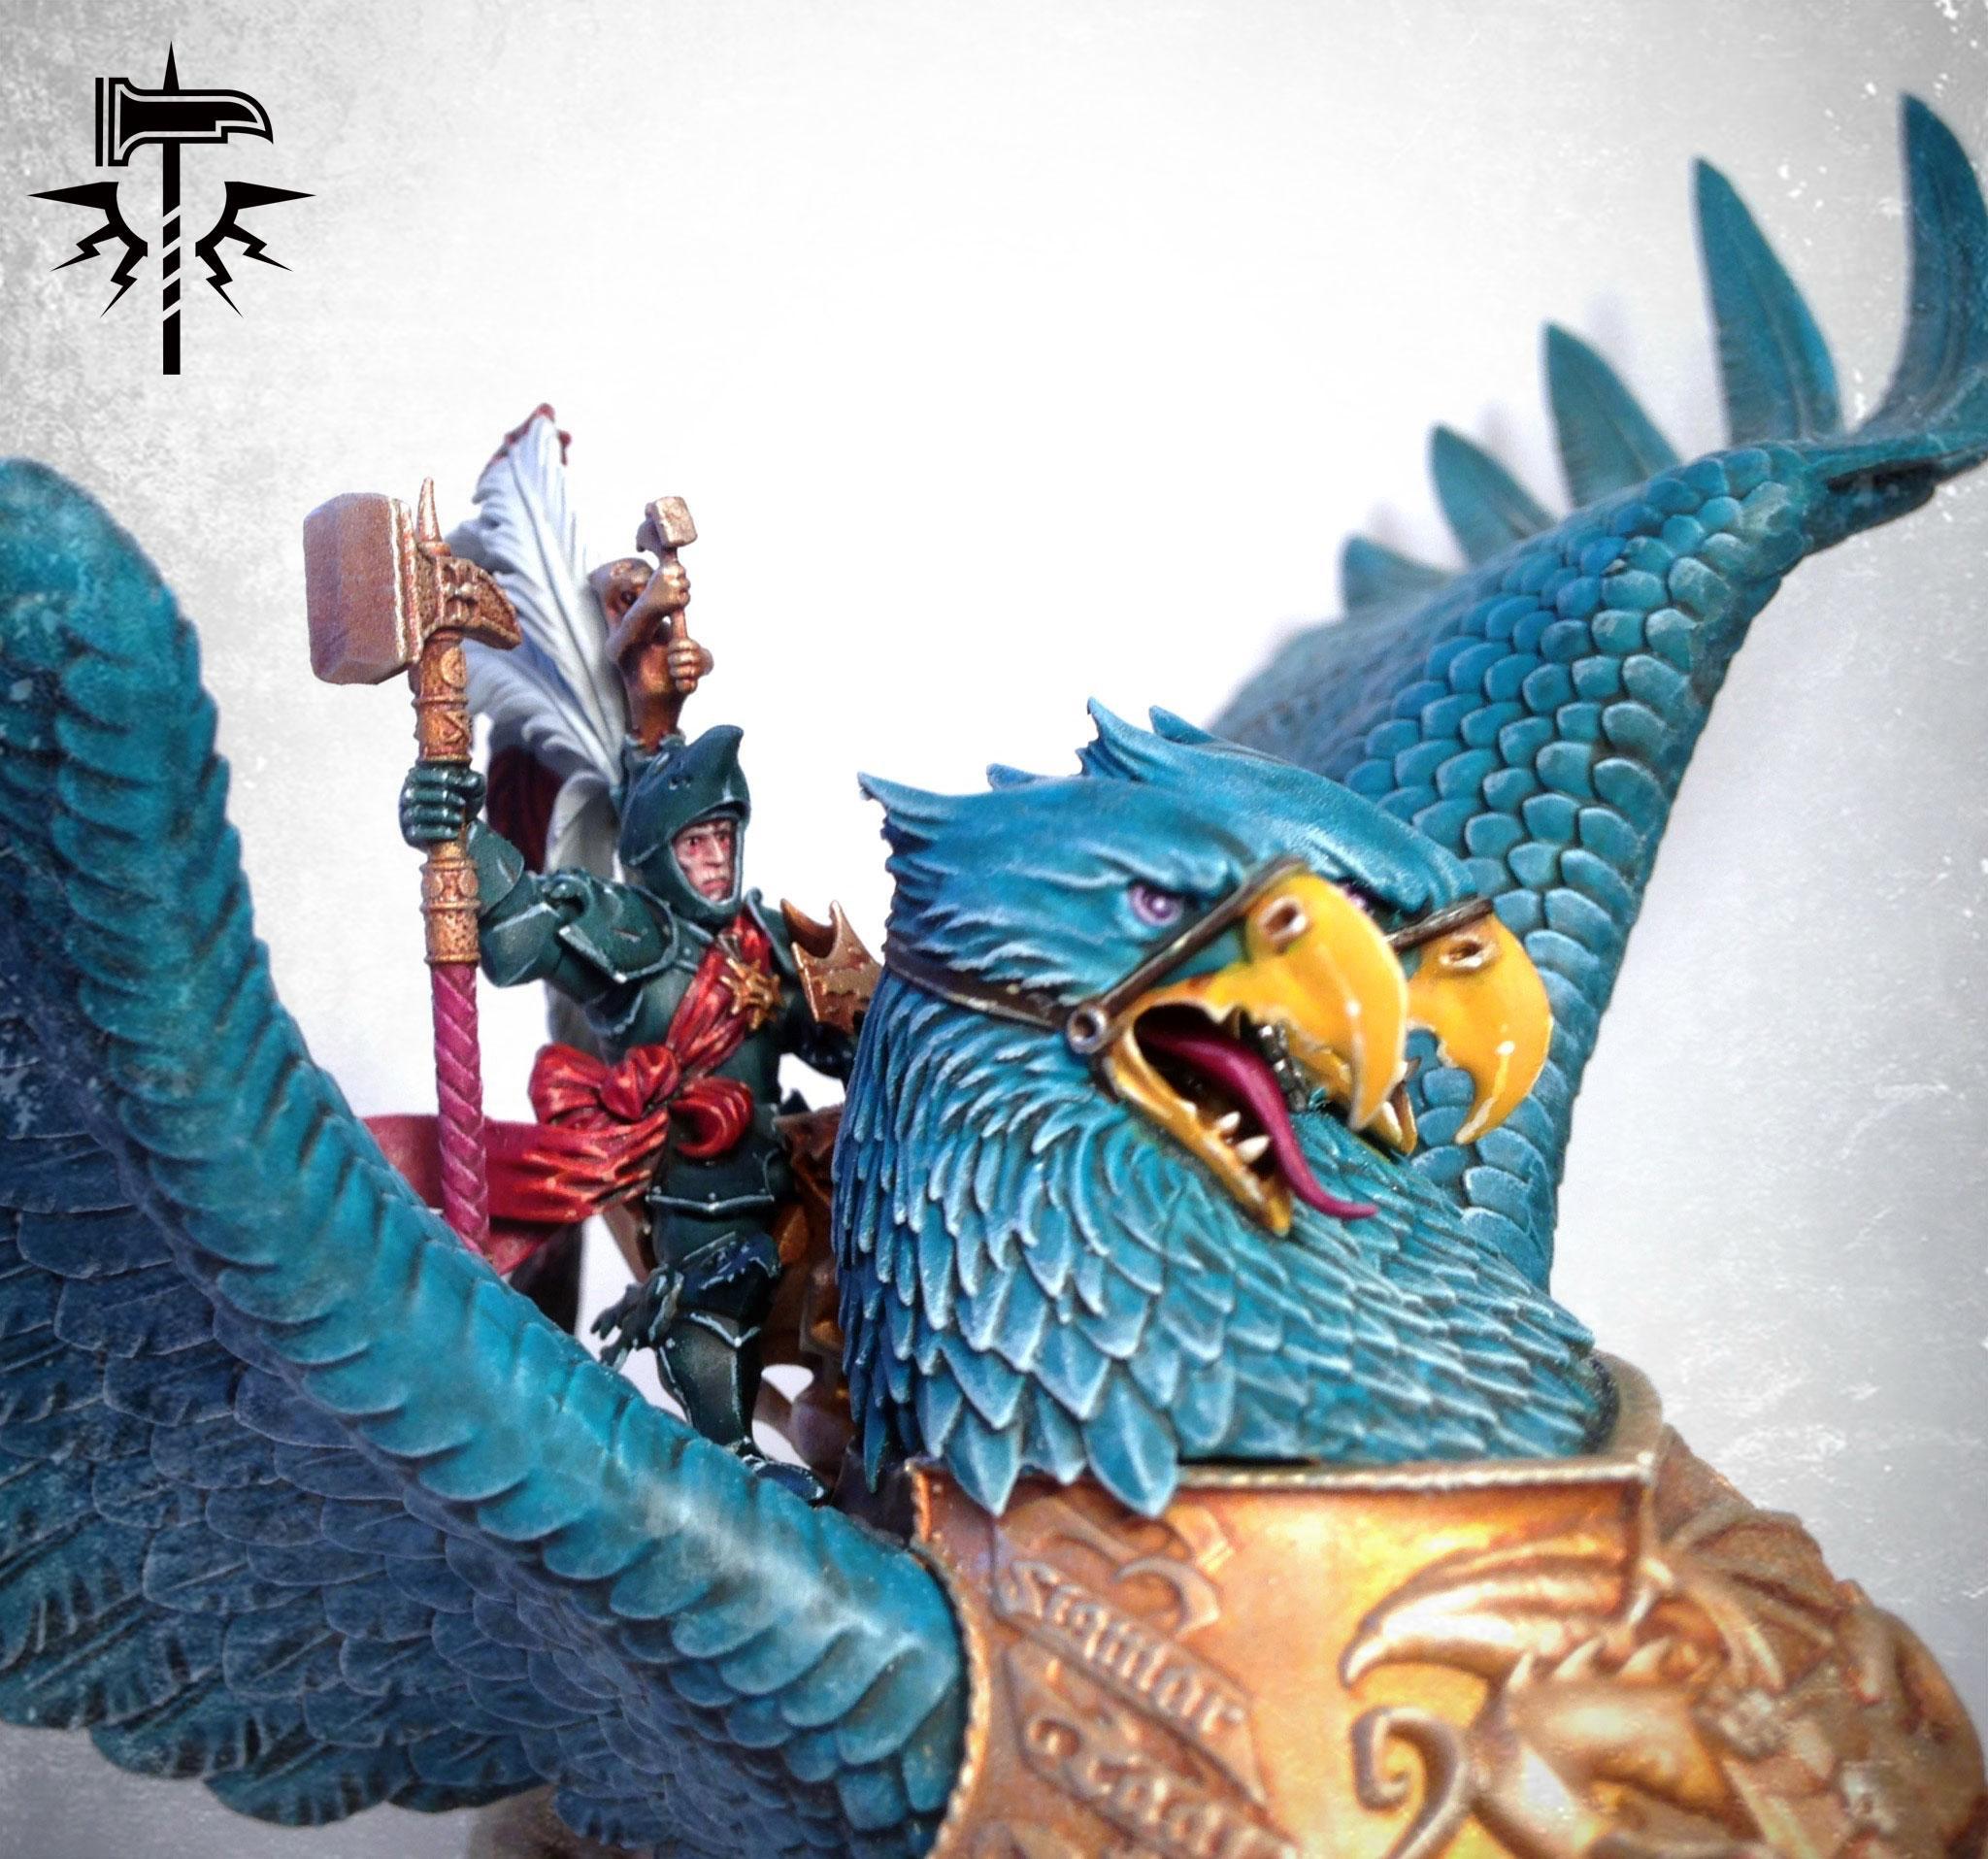 Age Of Sigmar, Behemoth, Empire, Freeguild, Ghal Maraz, Griffon, Karl Franz, Monster, Teal, Warhammer Fantasy